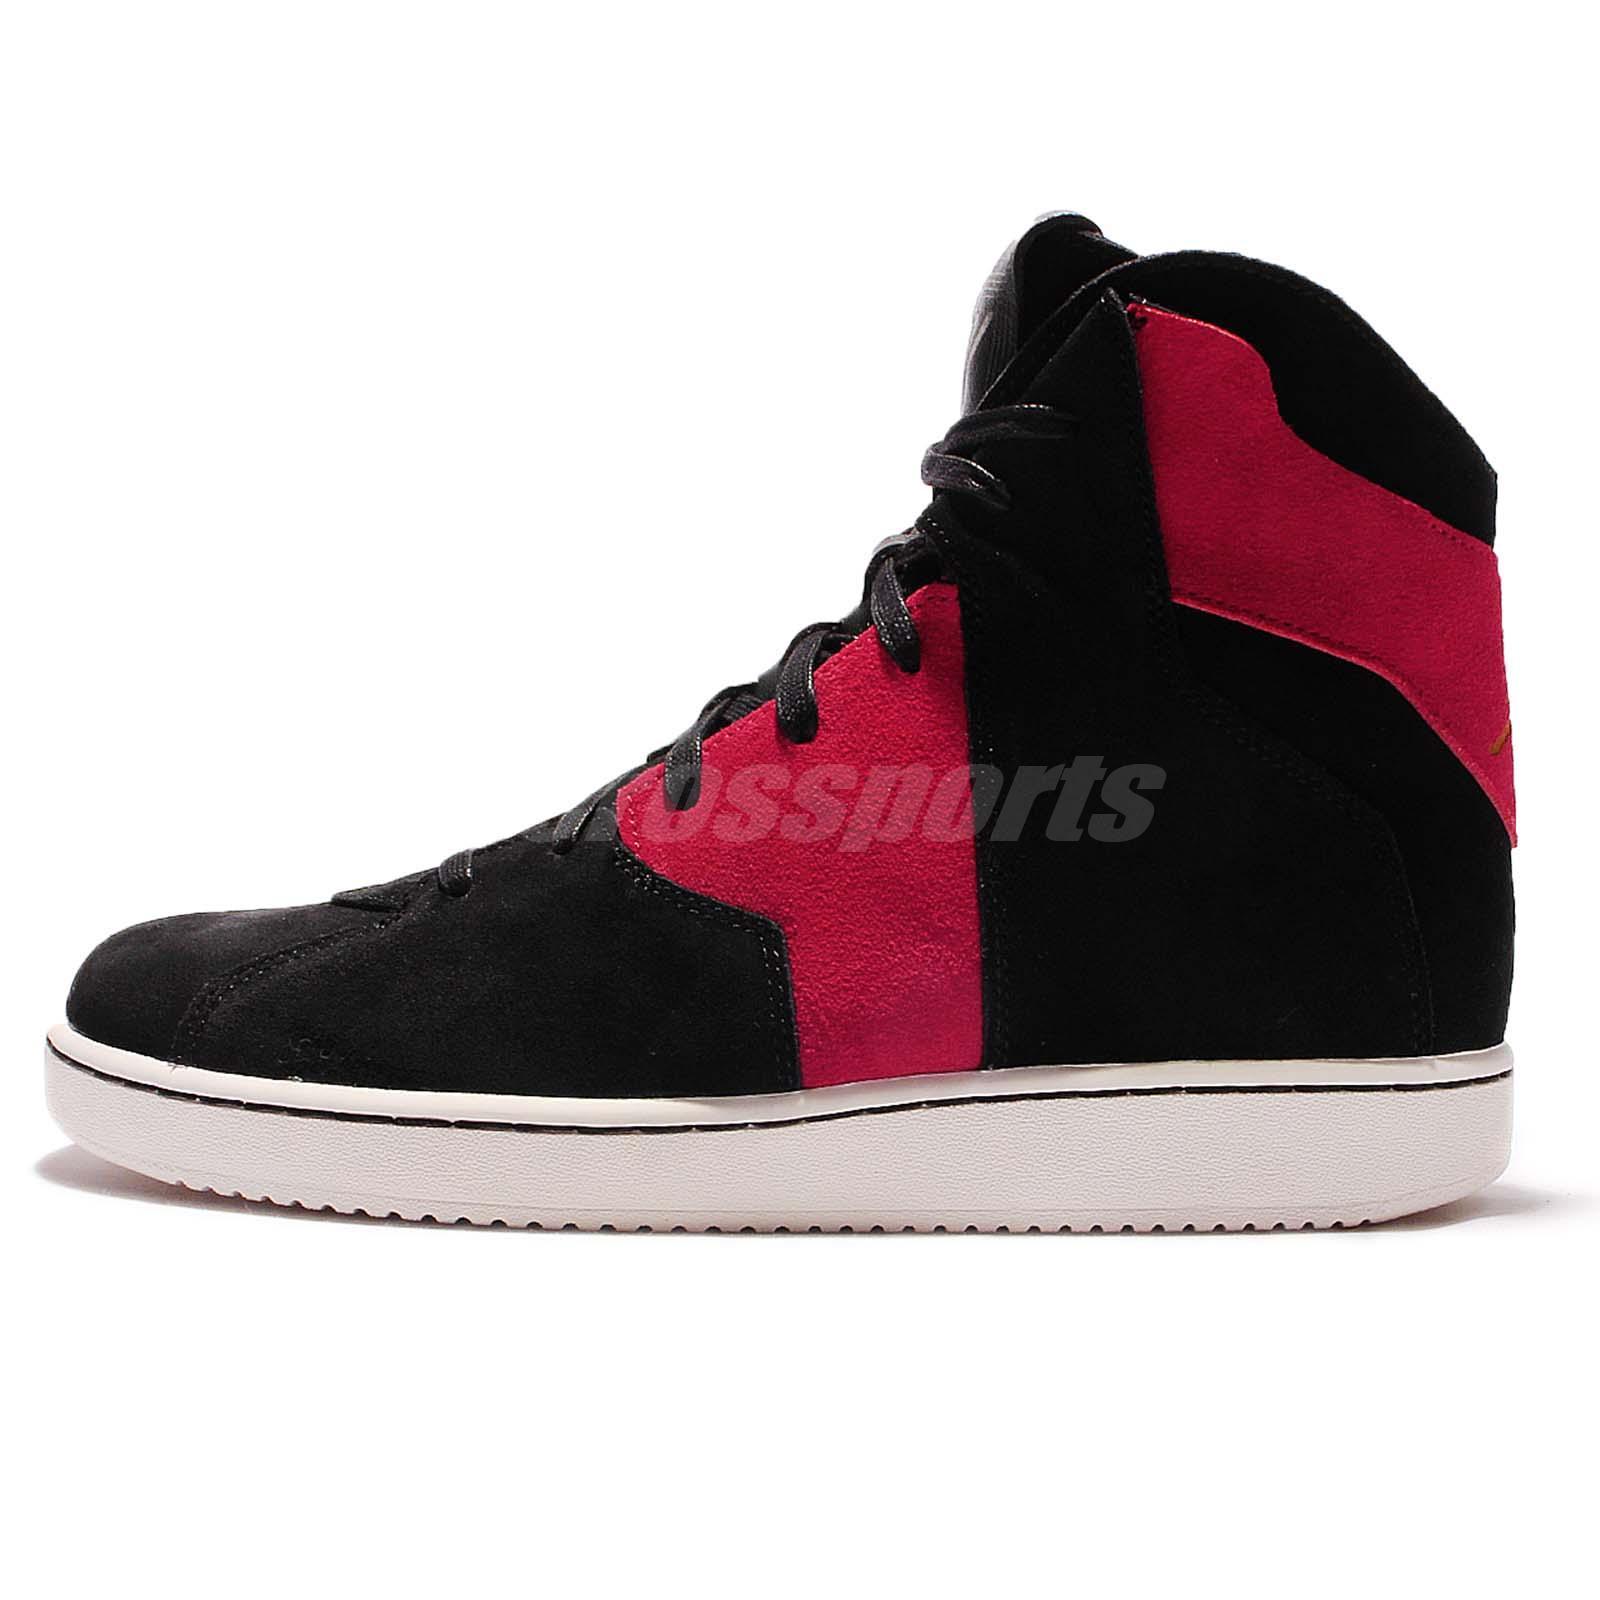 Nike Jordan Westbrook 0.2 Banned Russell Red Black Mens ...